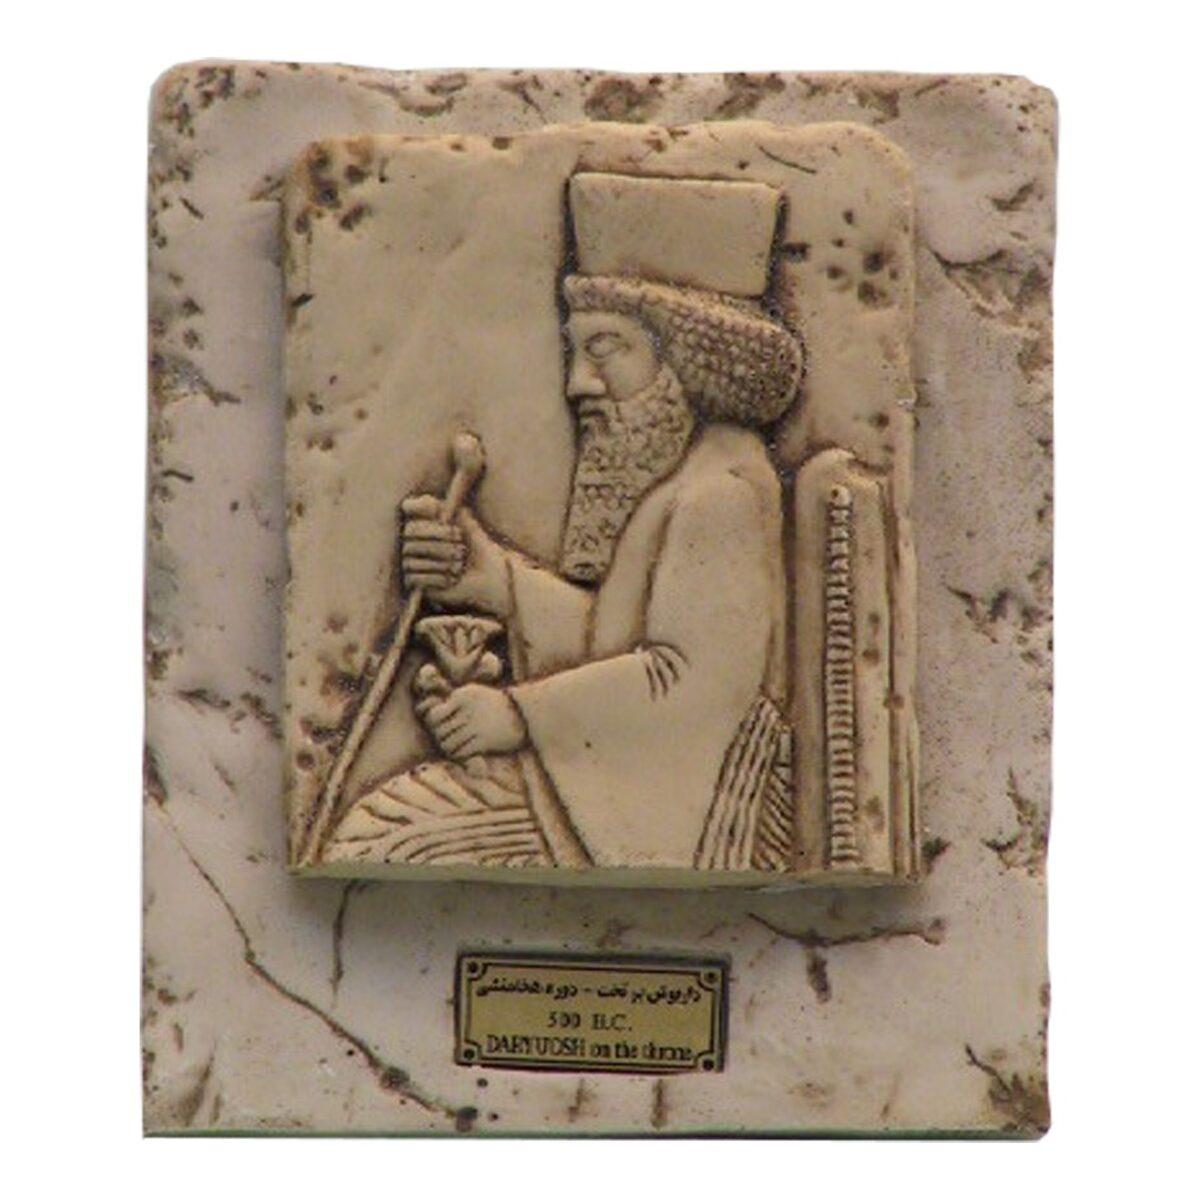 مجسمه تندیس و پیکره شهریار طرح تابلو داریوش بر تخت کد MO2670